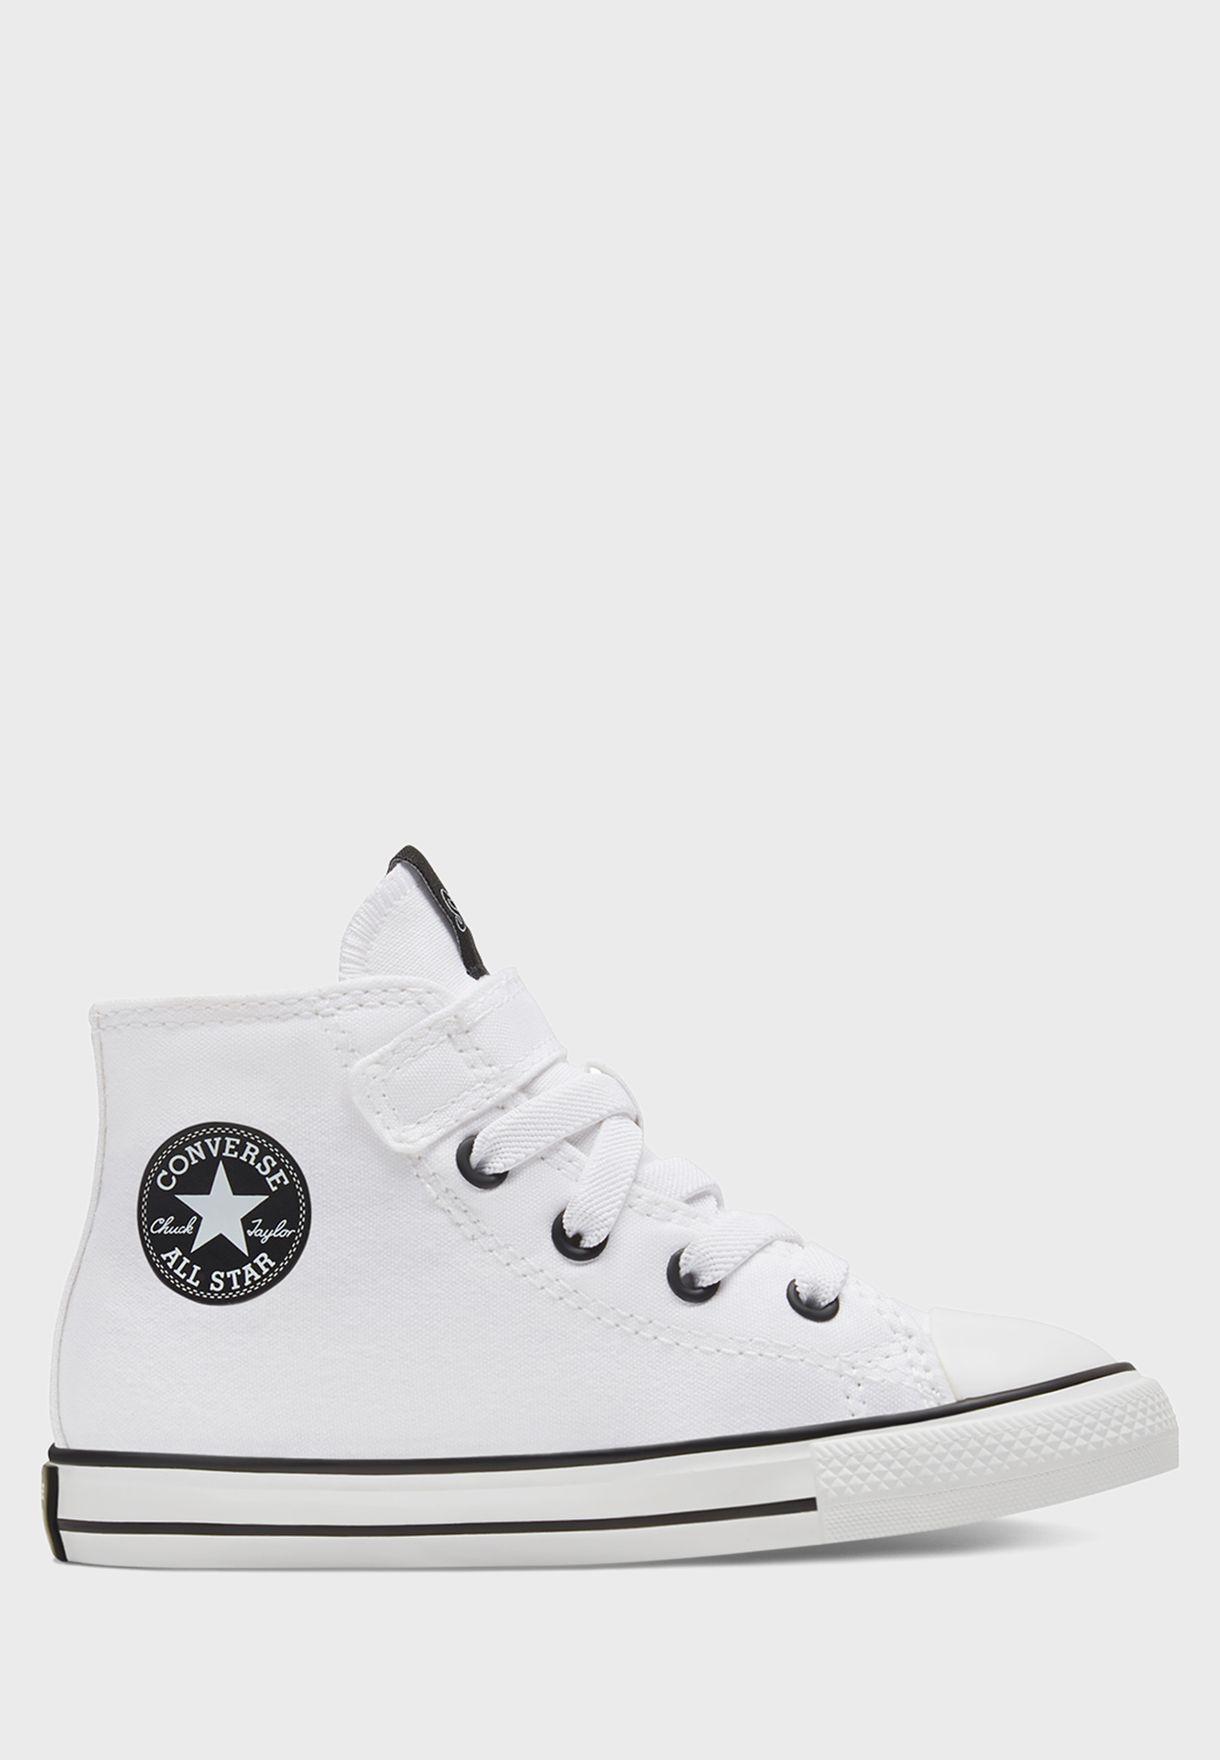 حذاء تشك تايلور اول ستار سكوبي دو